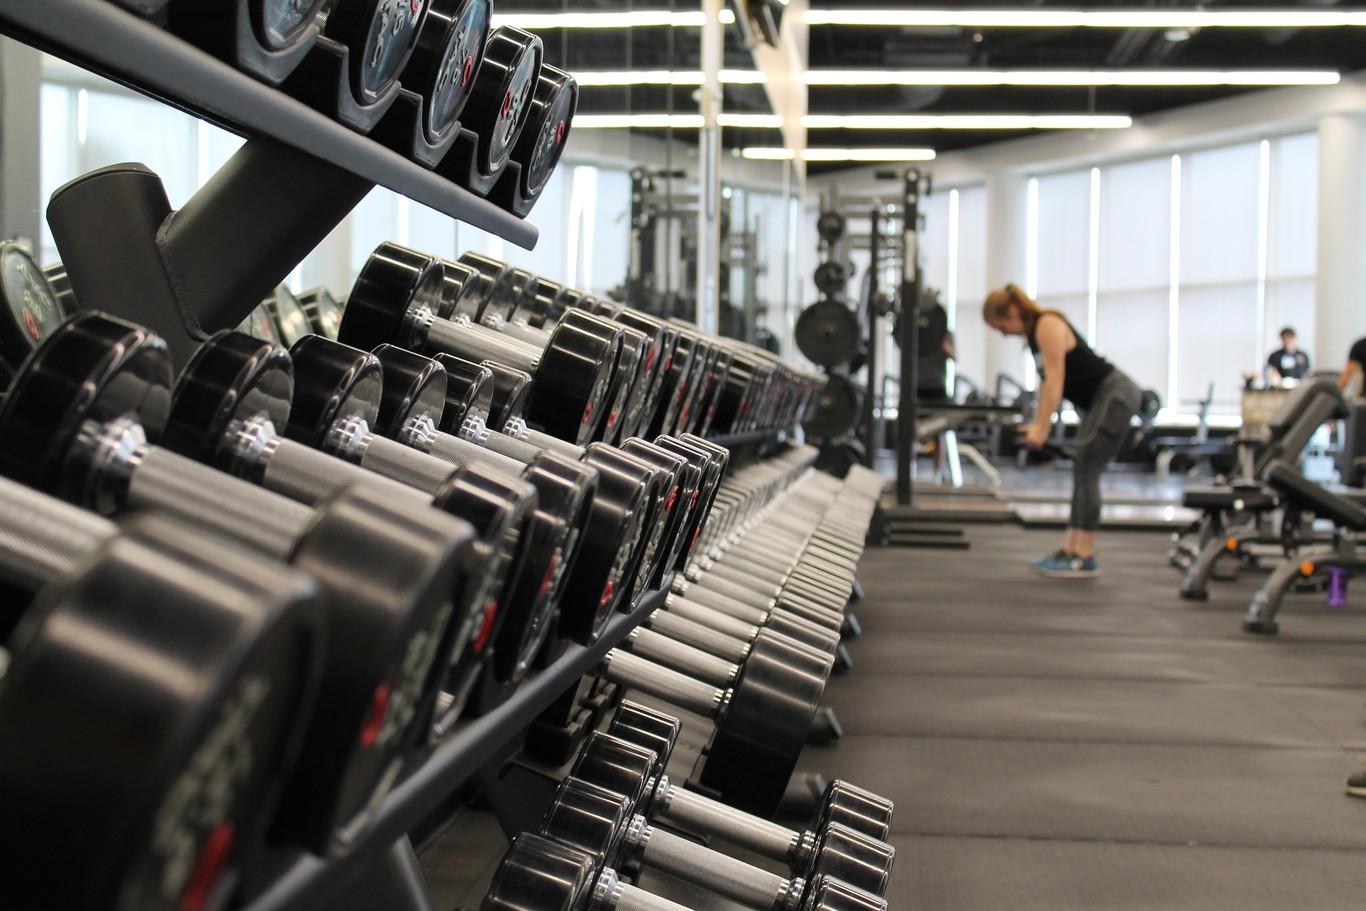 Quiero ir al gimnasio pero no quiero adelgazar